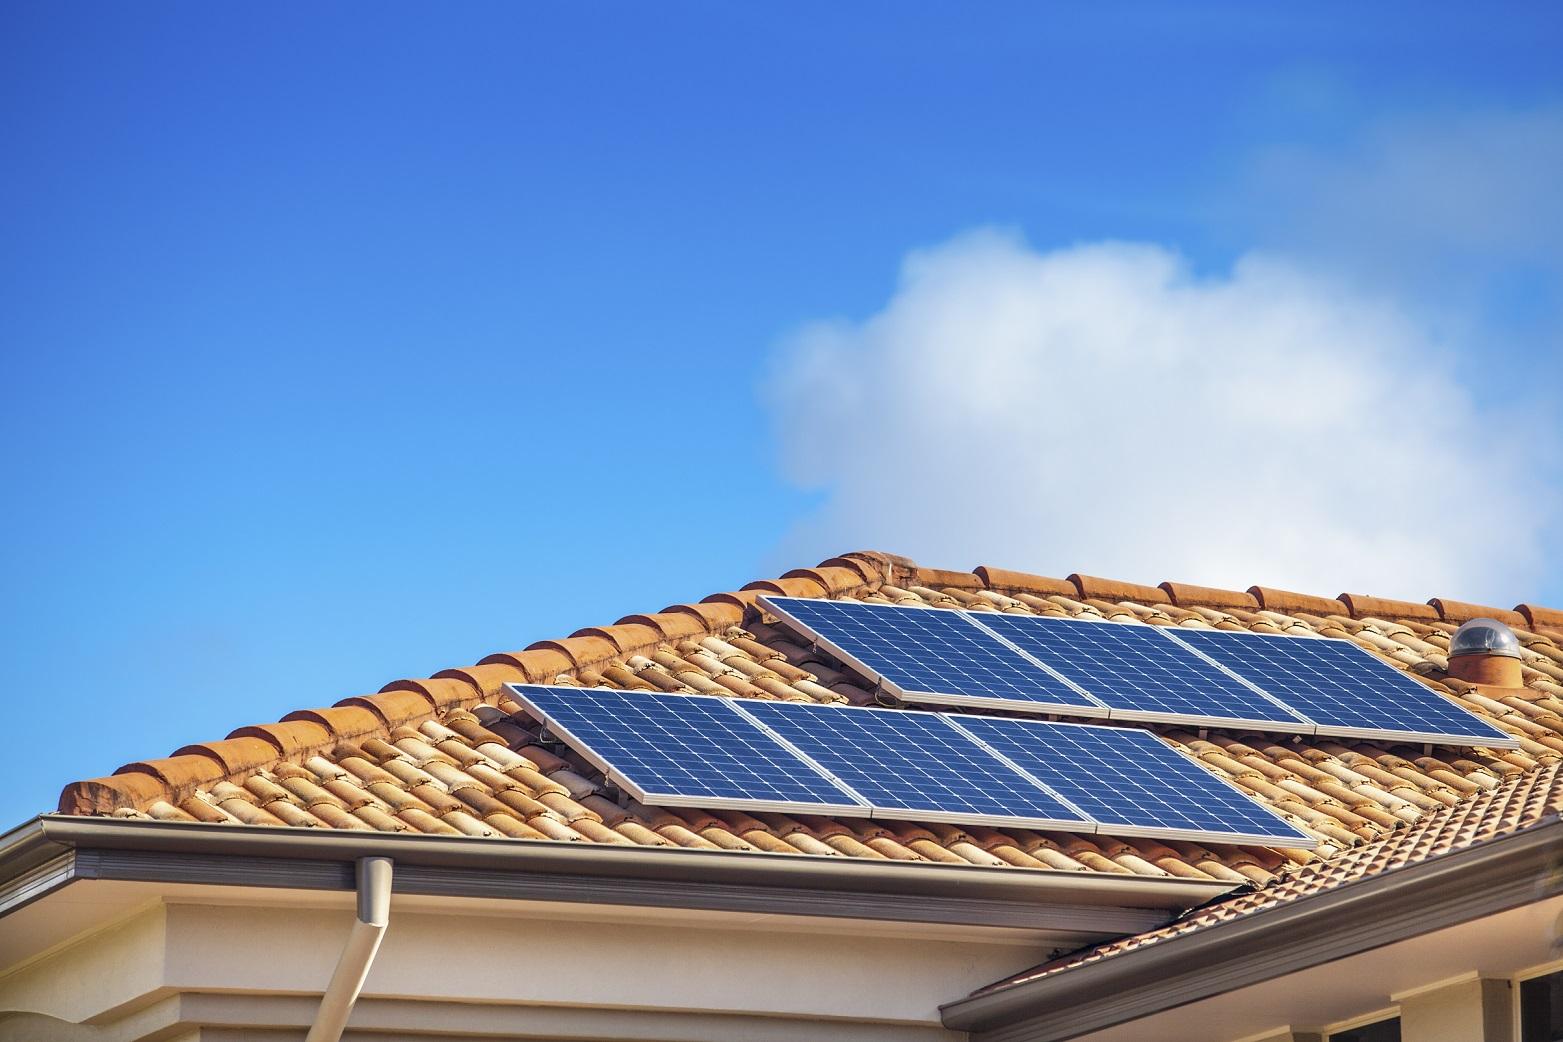 Placas fotovoltaicas para autoconsumo sobre tejado chalet